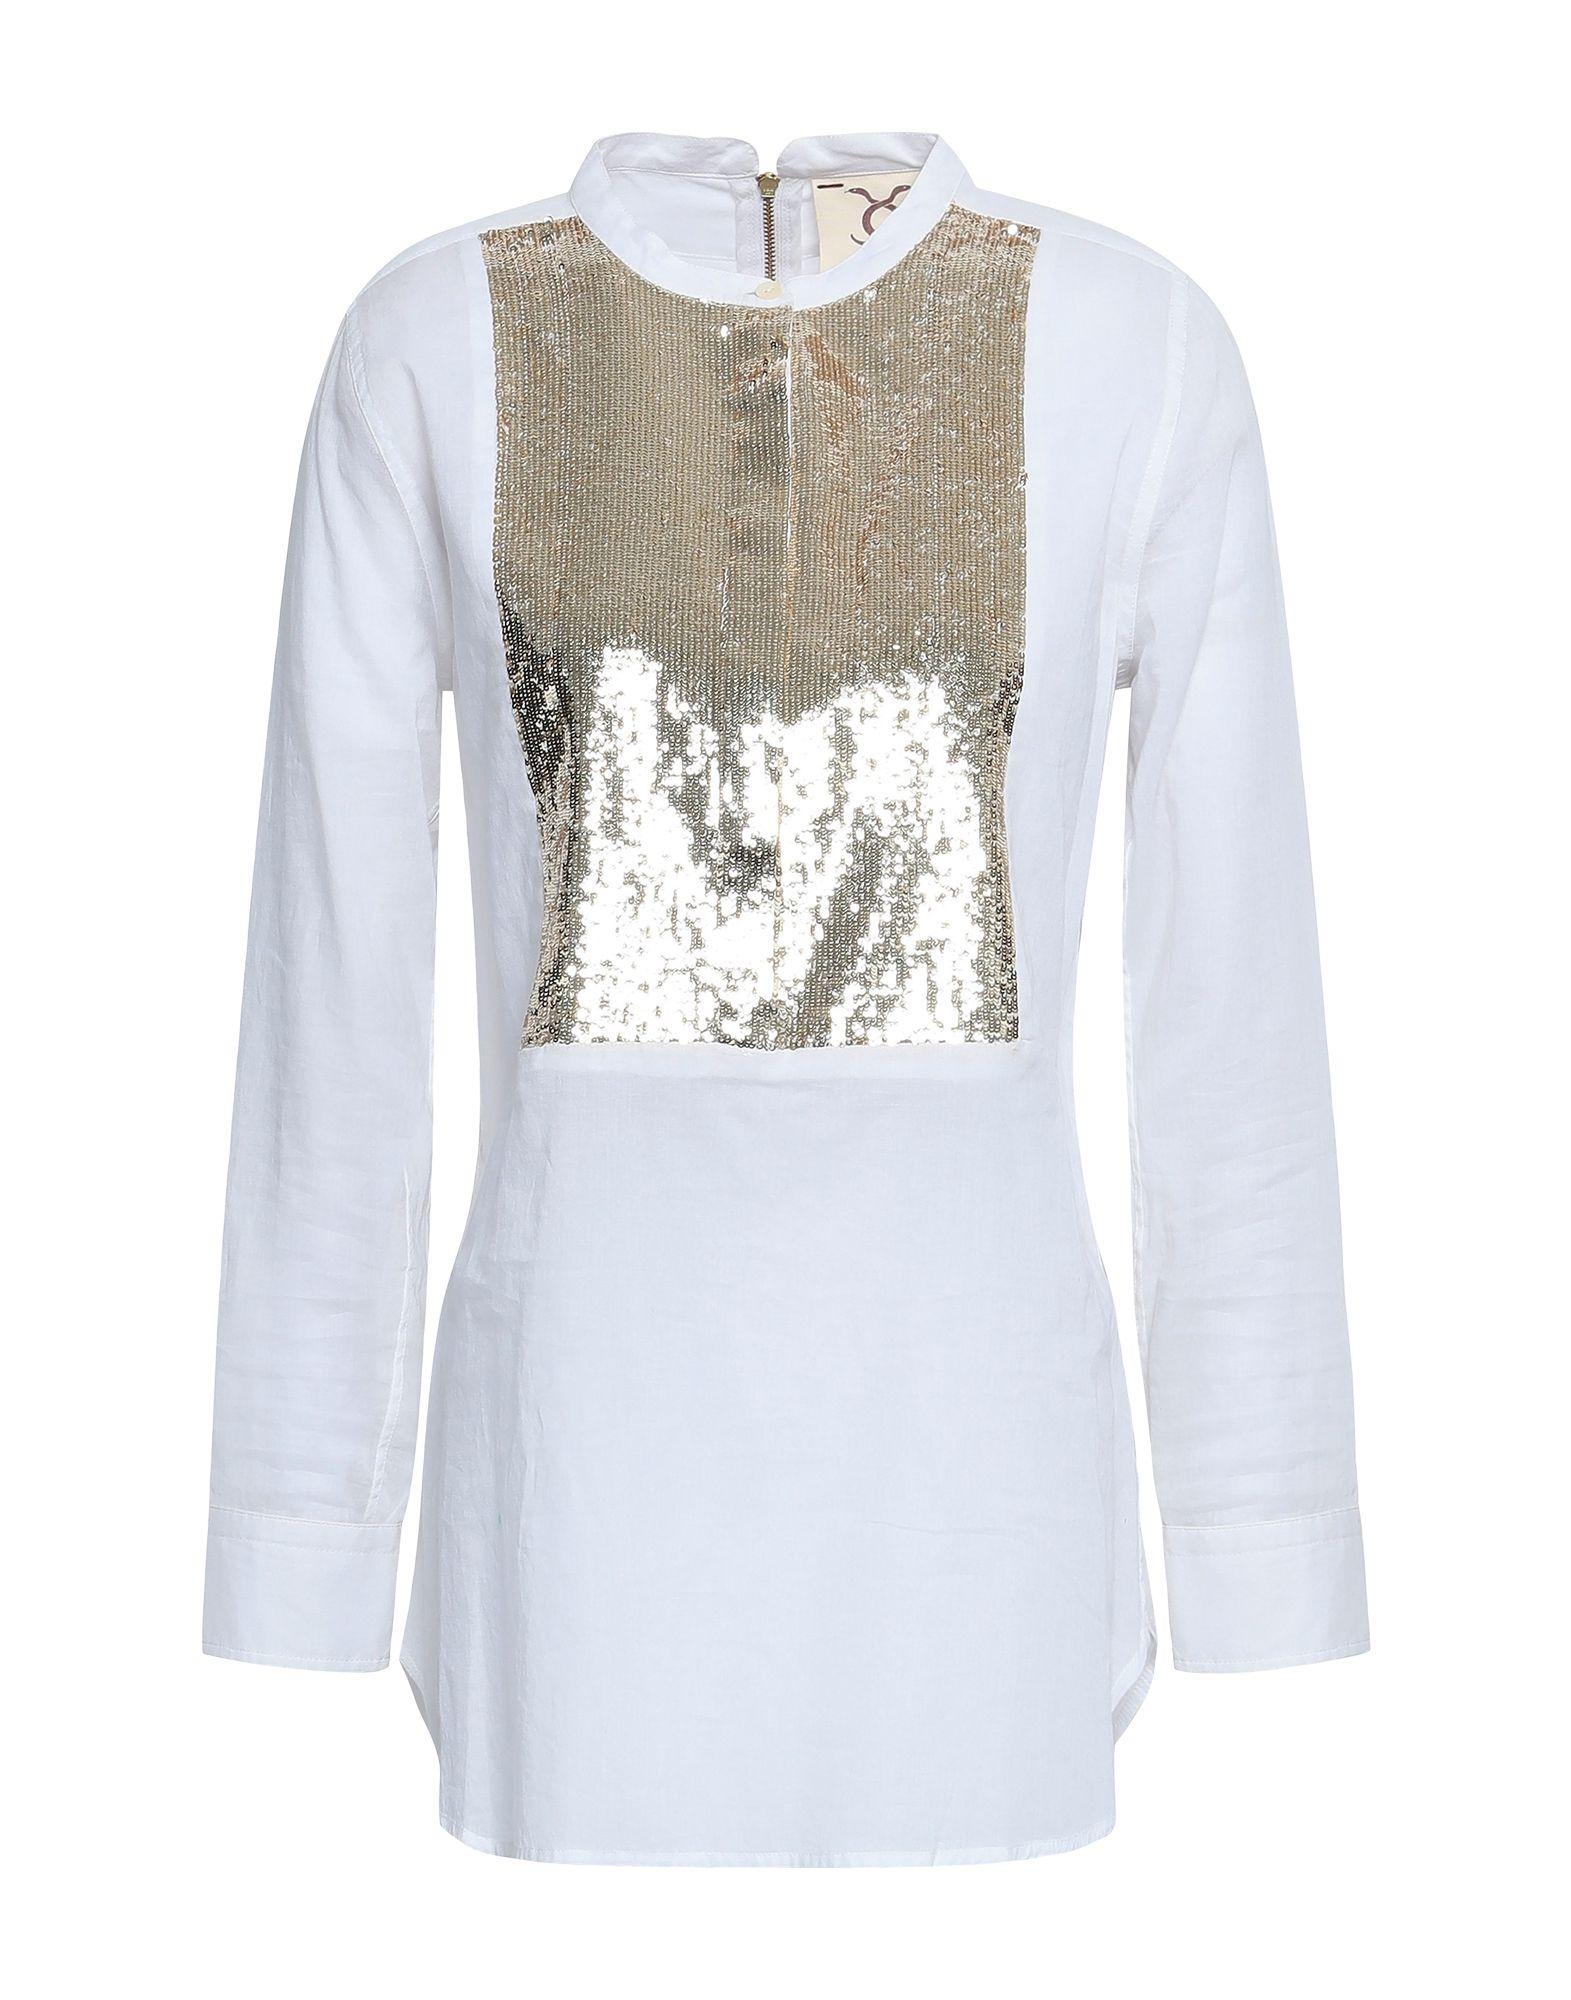 Camicie  E bluse Fantasia Figue donna - 38858396OF 38858396OF  Online-Verkauf sparen Sie 70%